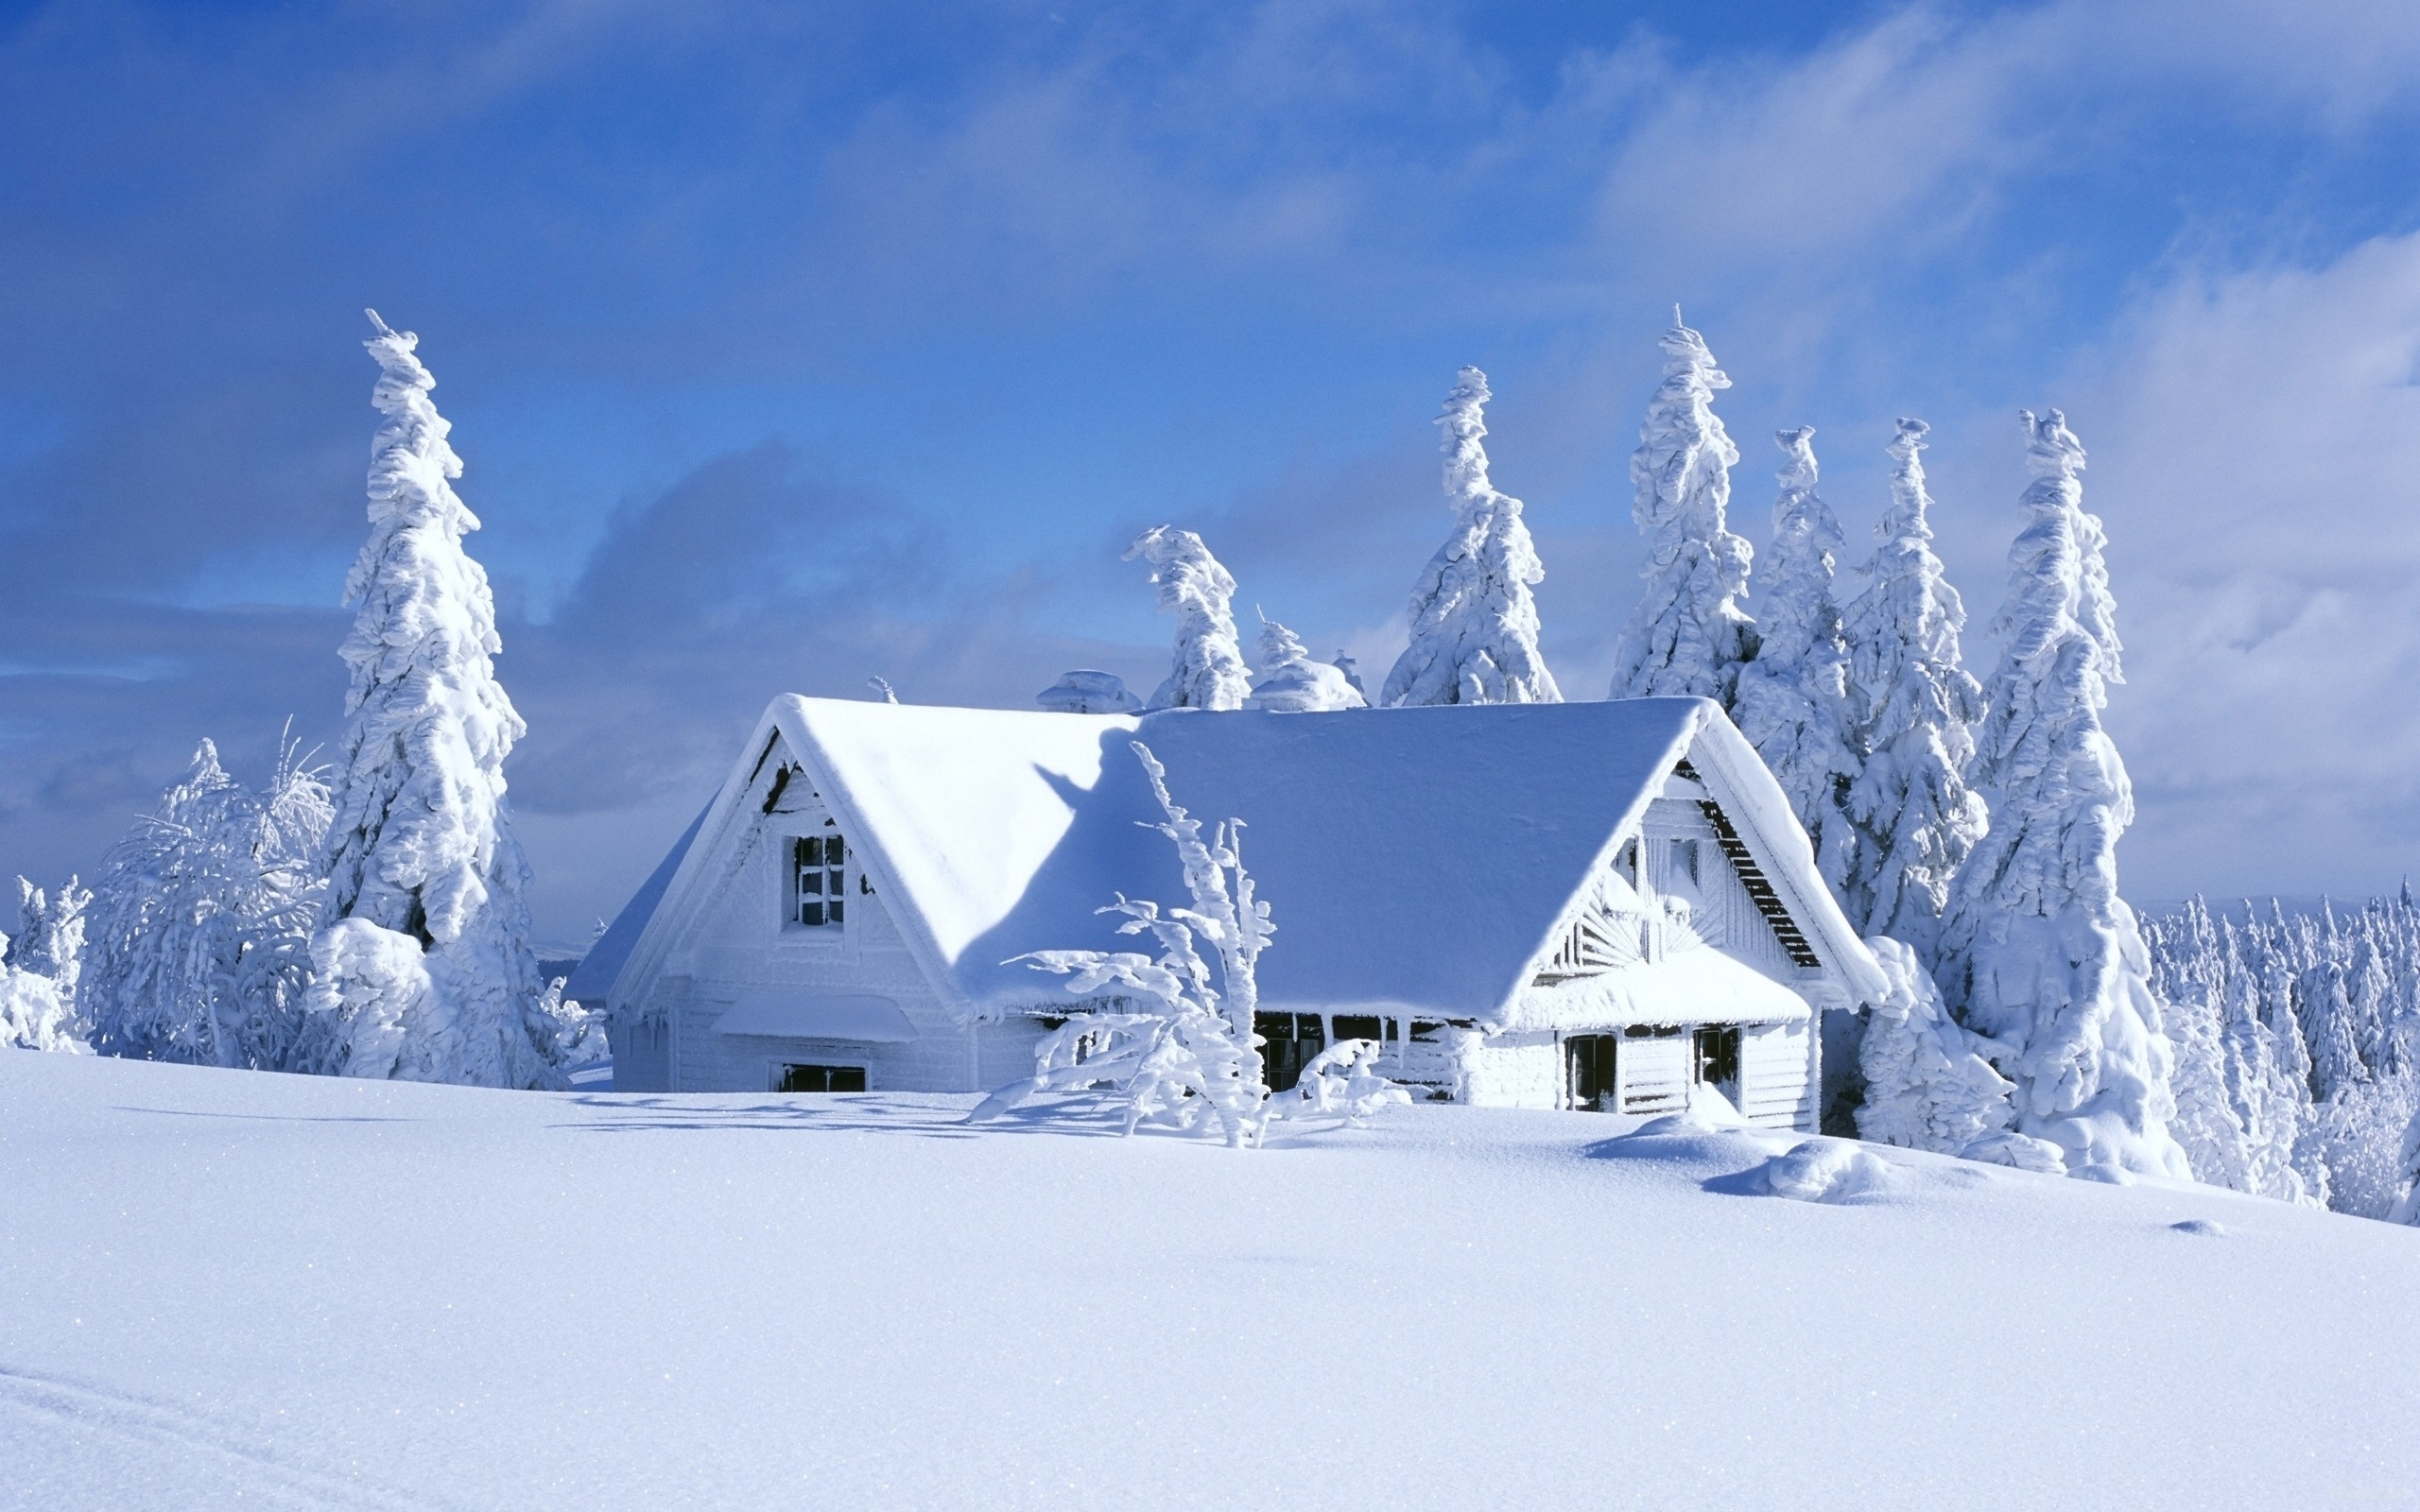 Обои На Рабочий Стол Красивые Зимние Пейзажи